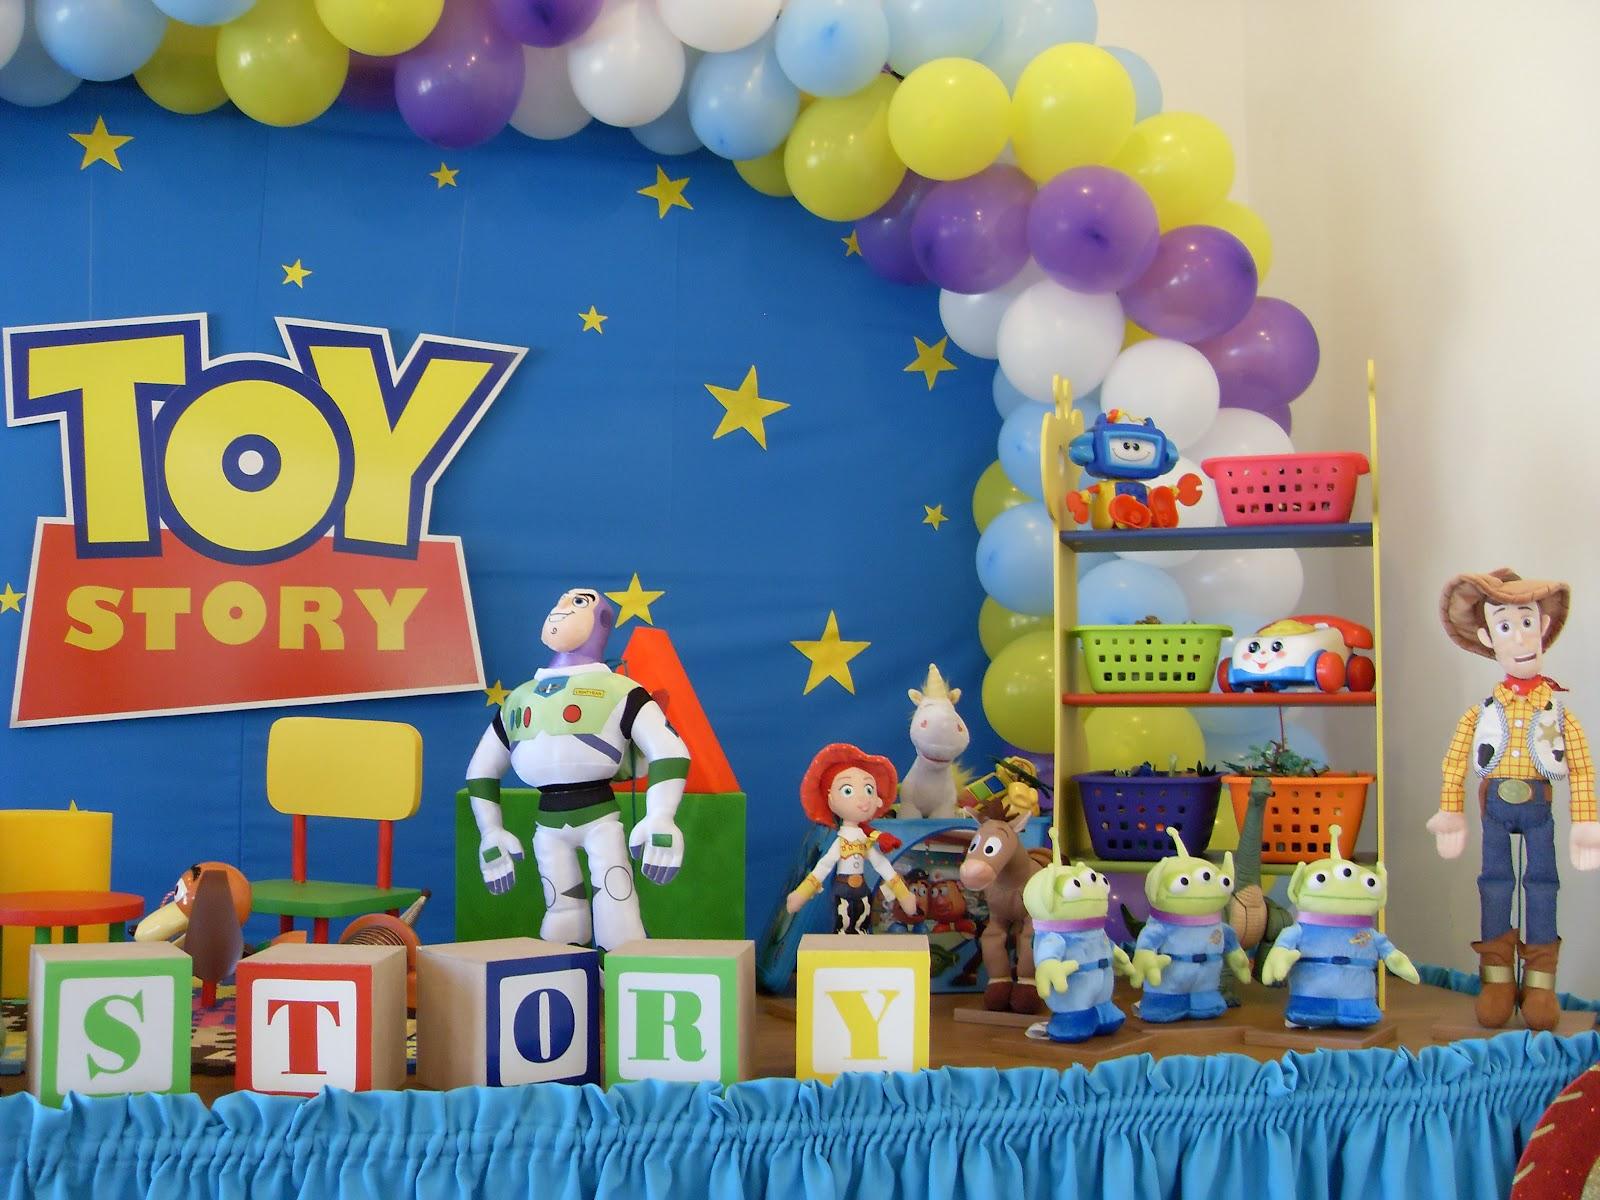 Toy Story 4 2012 : Farolita decoração de festas infantis toy story